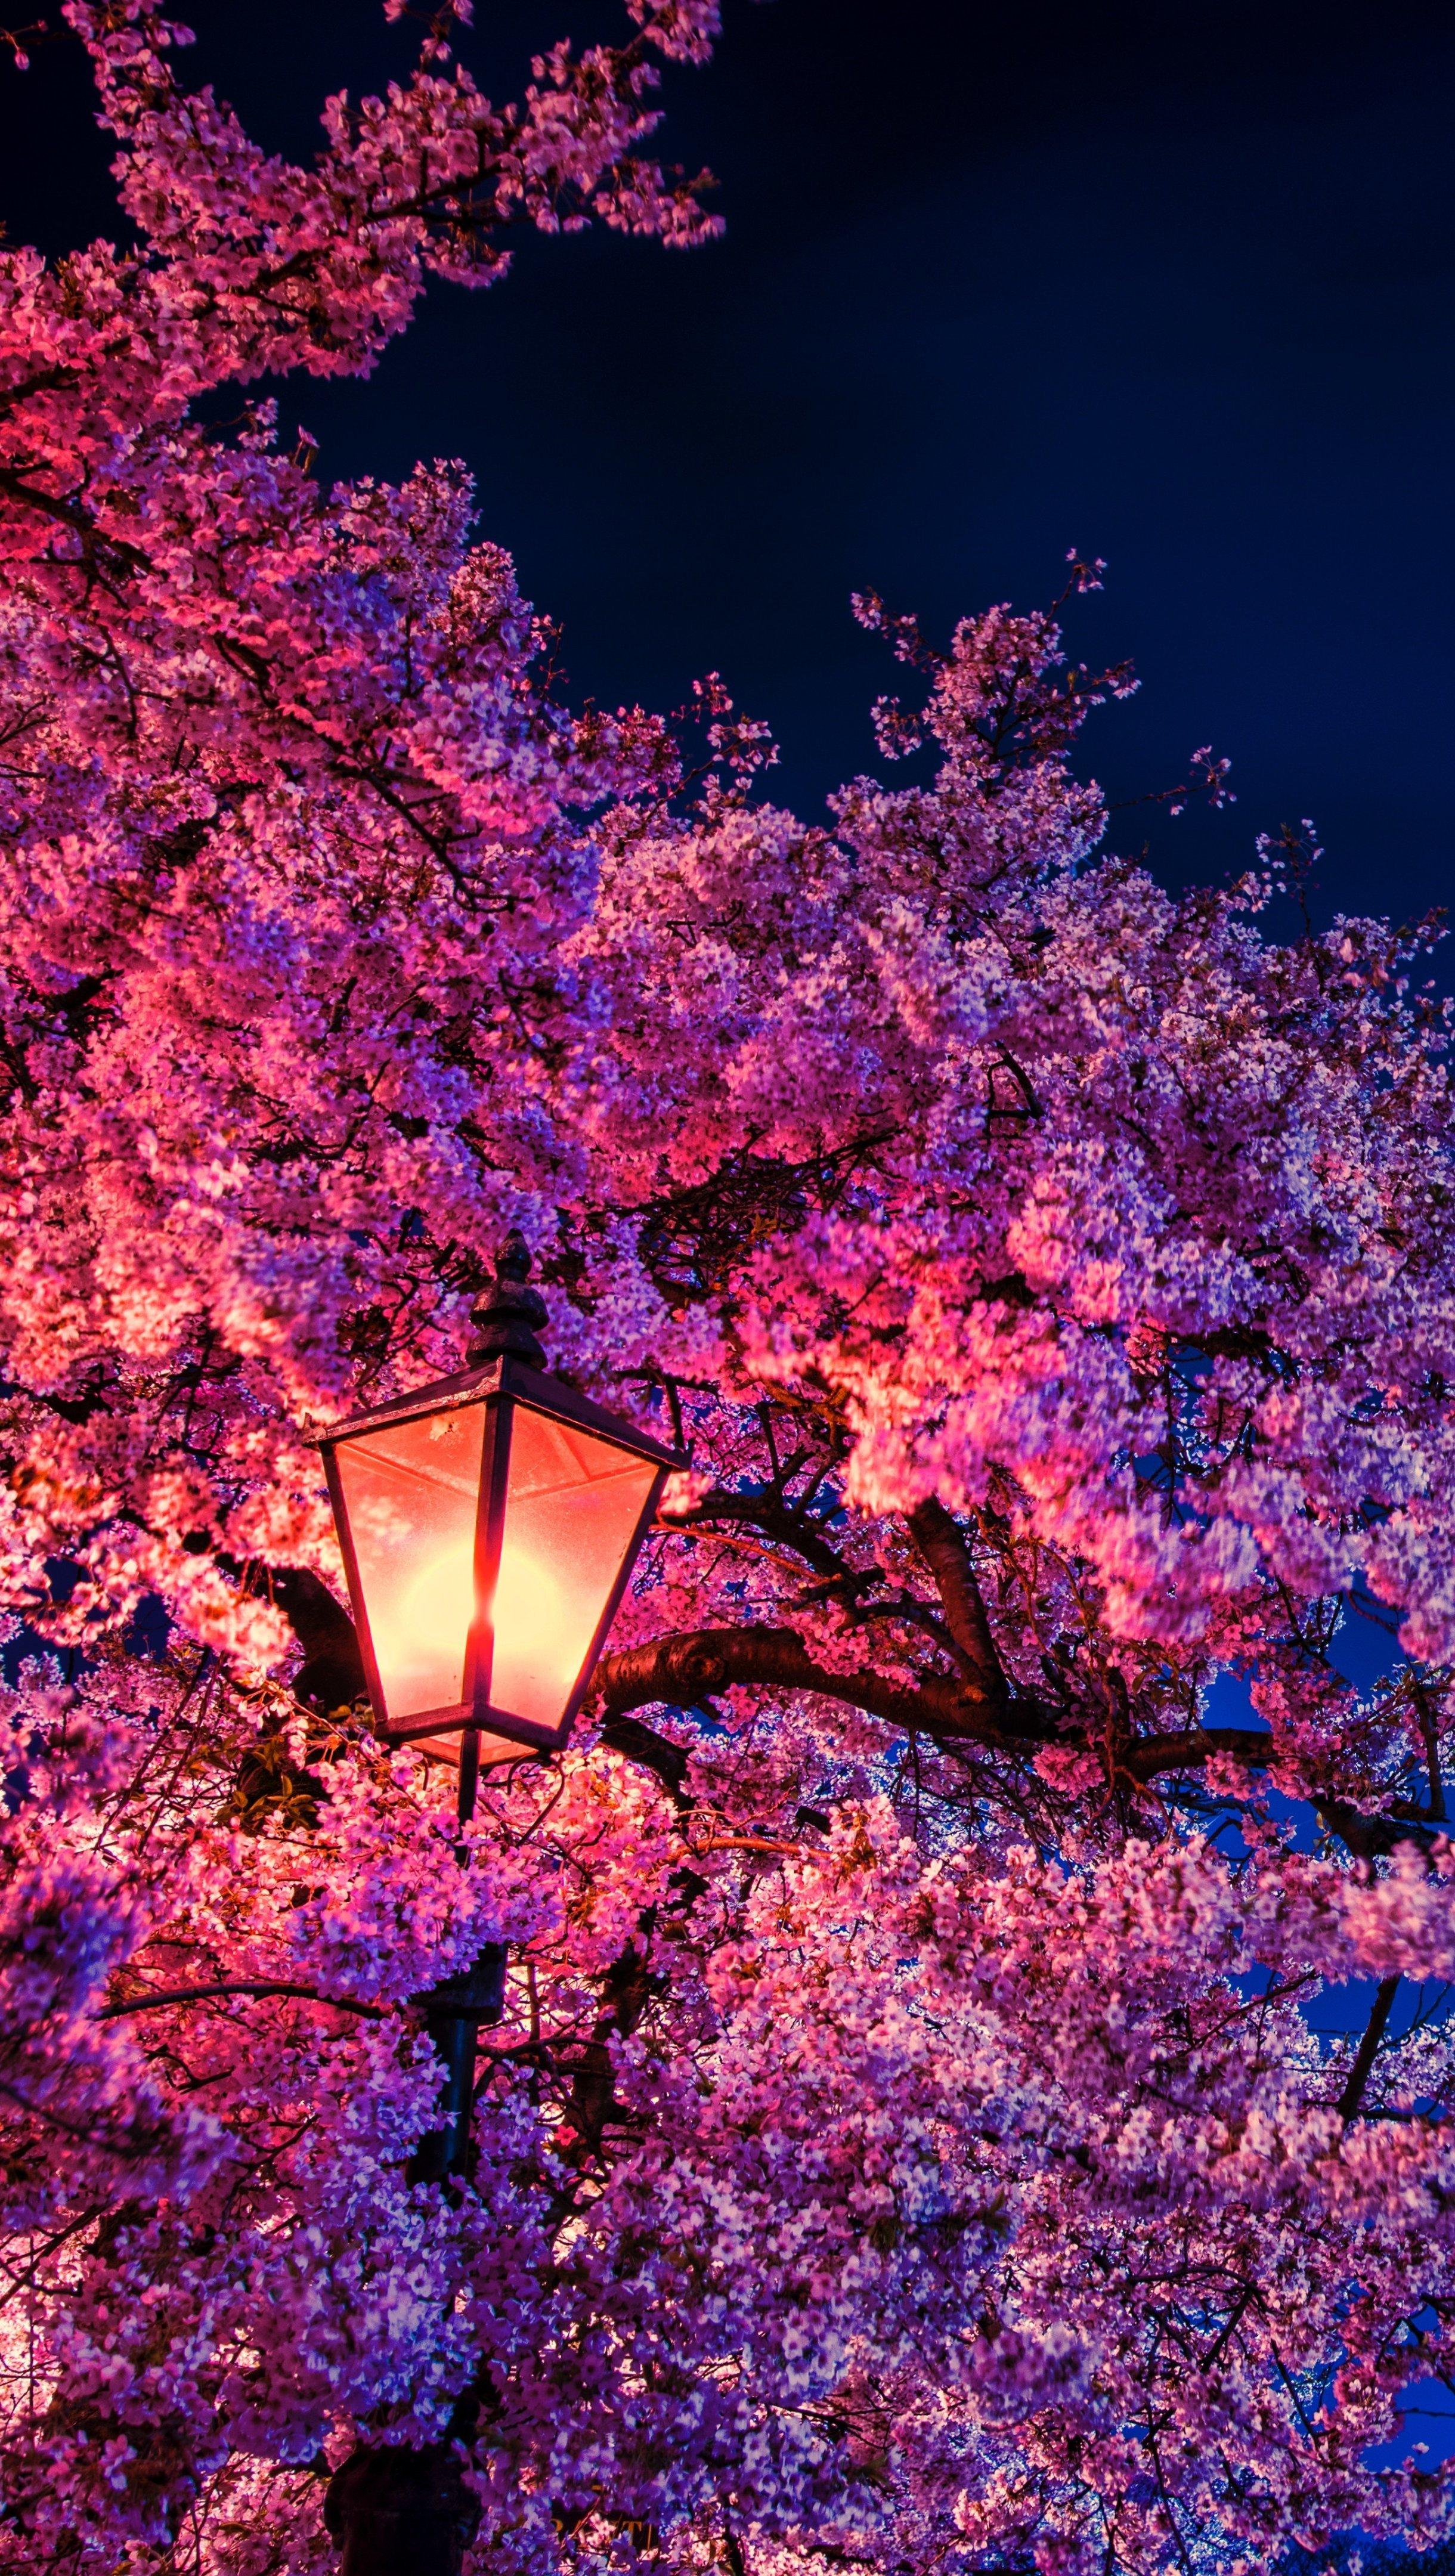 Fondos de pantalla Cerezo a la luz de la noche Vertical